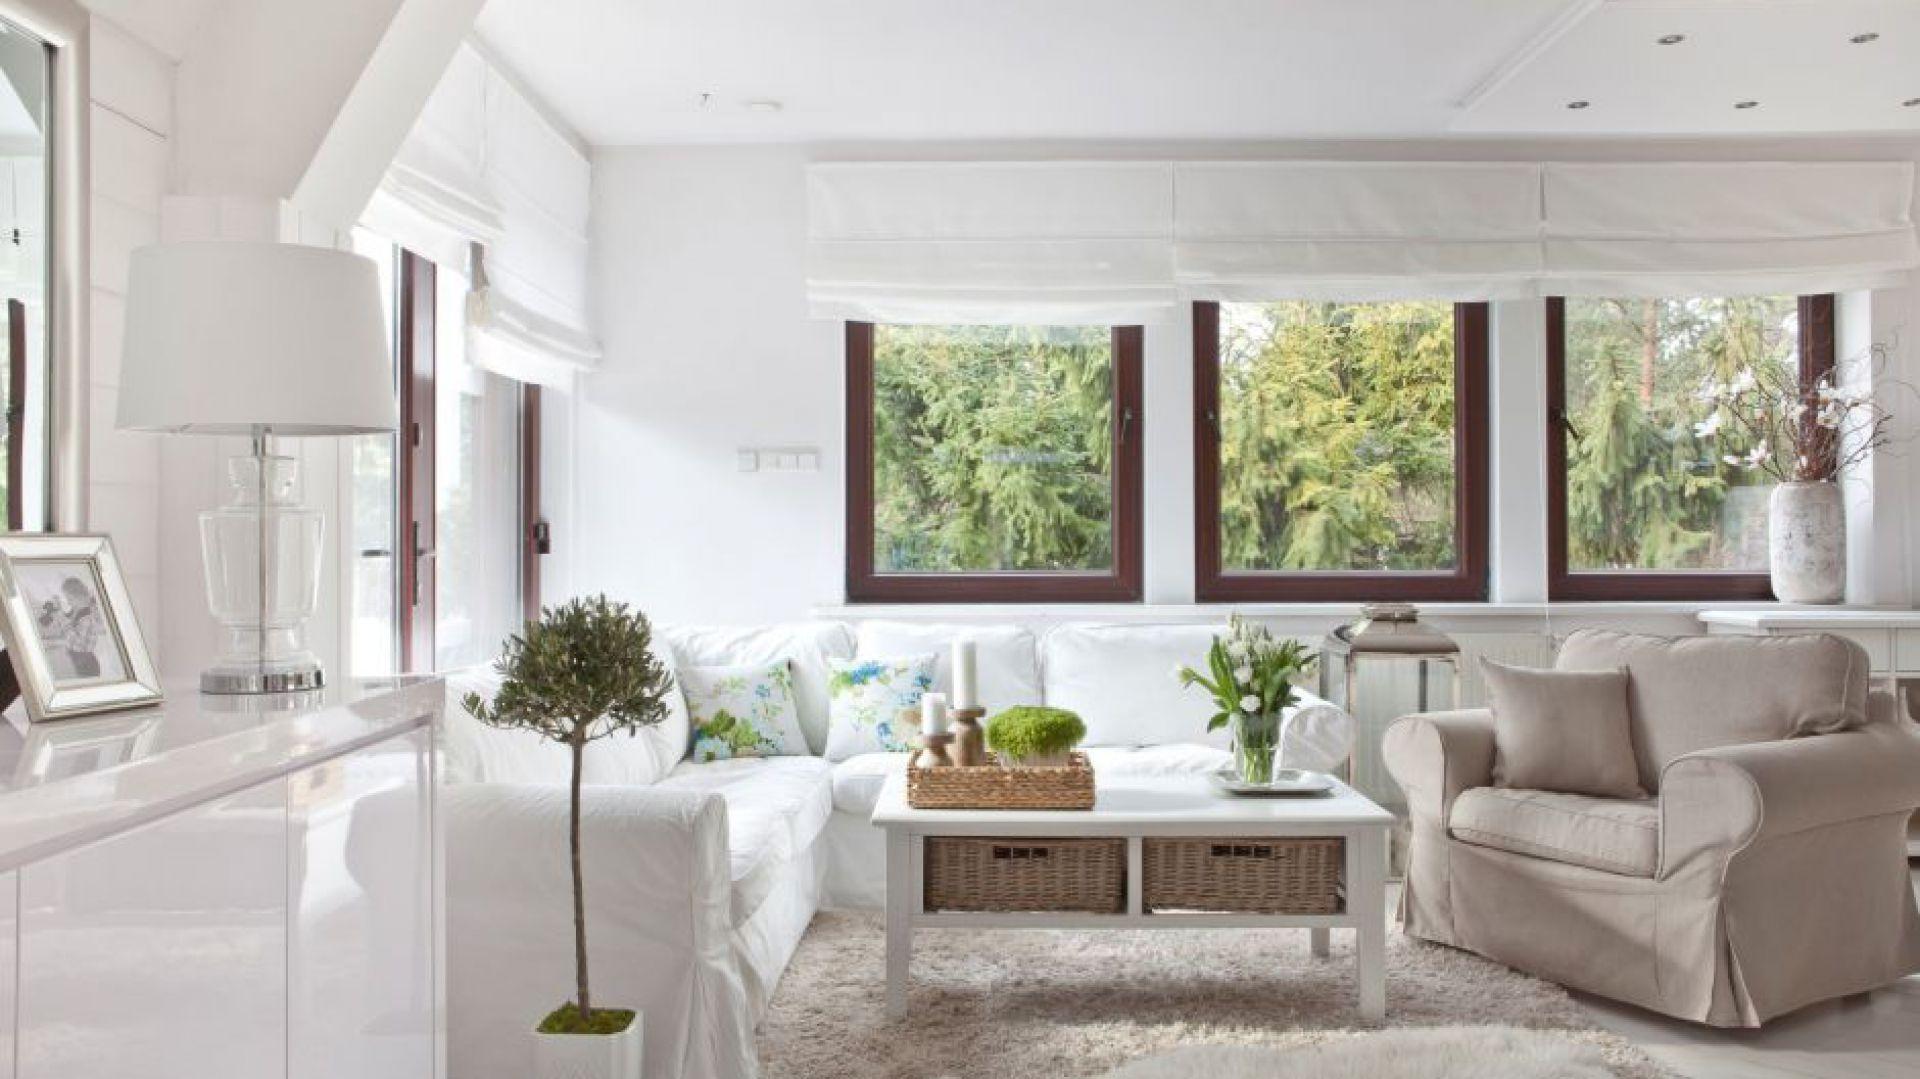 W małym wnętrzu cenny jest każdy kawałek przestrzeni do przechowywania. Dlatego do takich mieszkań warto wybrać meble, które mogą pełnić wiele funkcji. Fot. Dekoria.pl